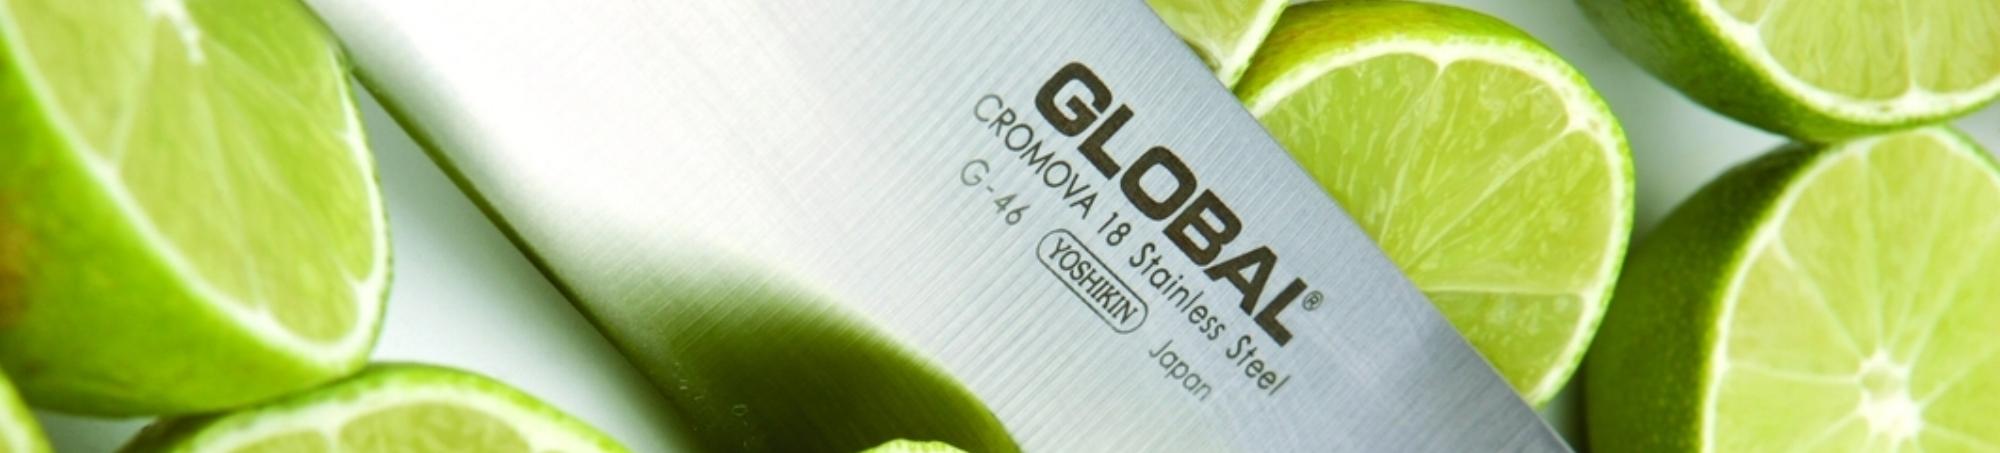 Global -